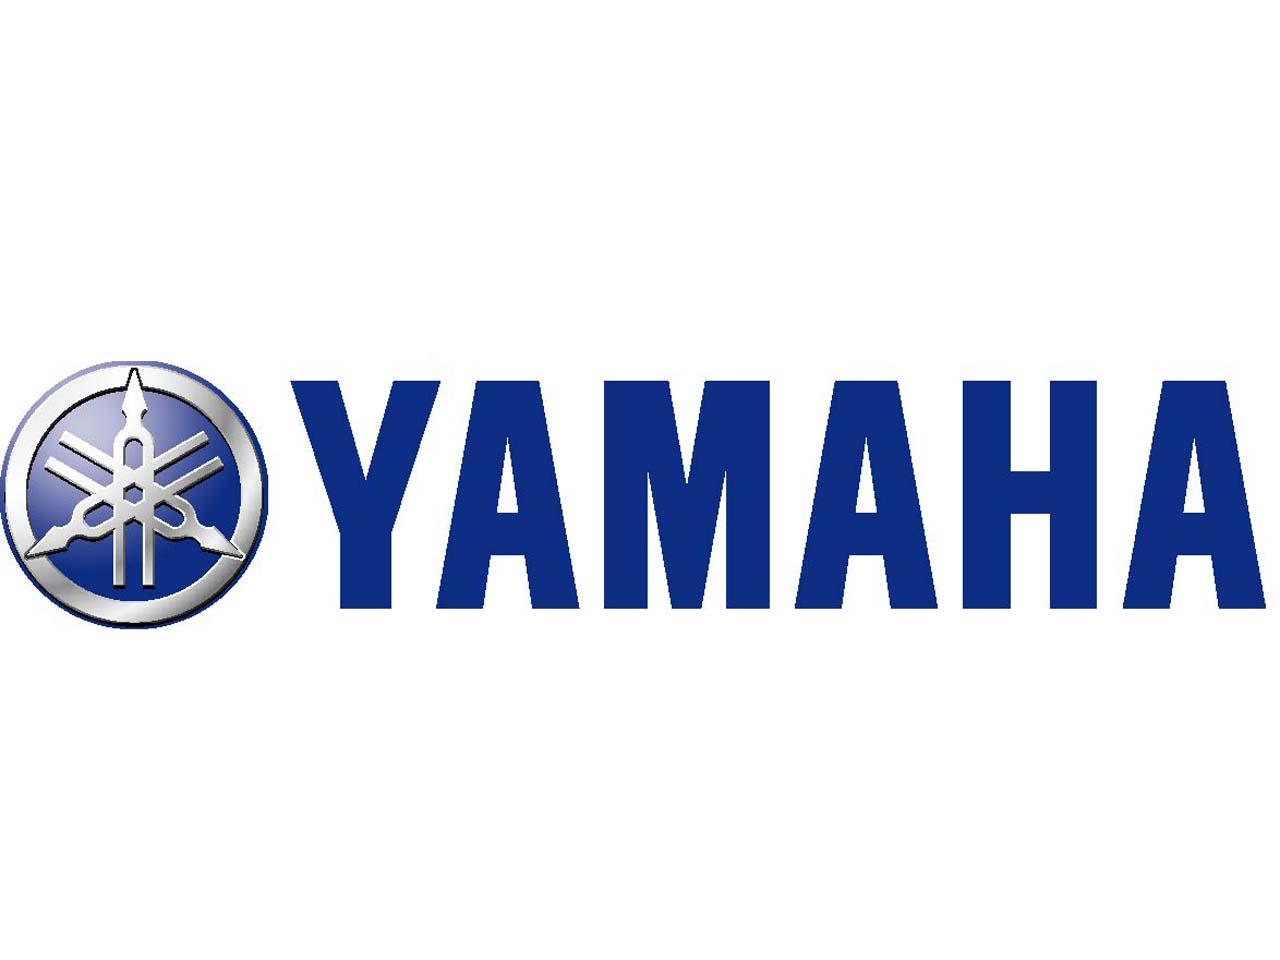 New 2011 Yamaha ATV Lineup - Grizzly450 and Raptor125 ...